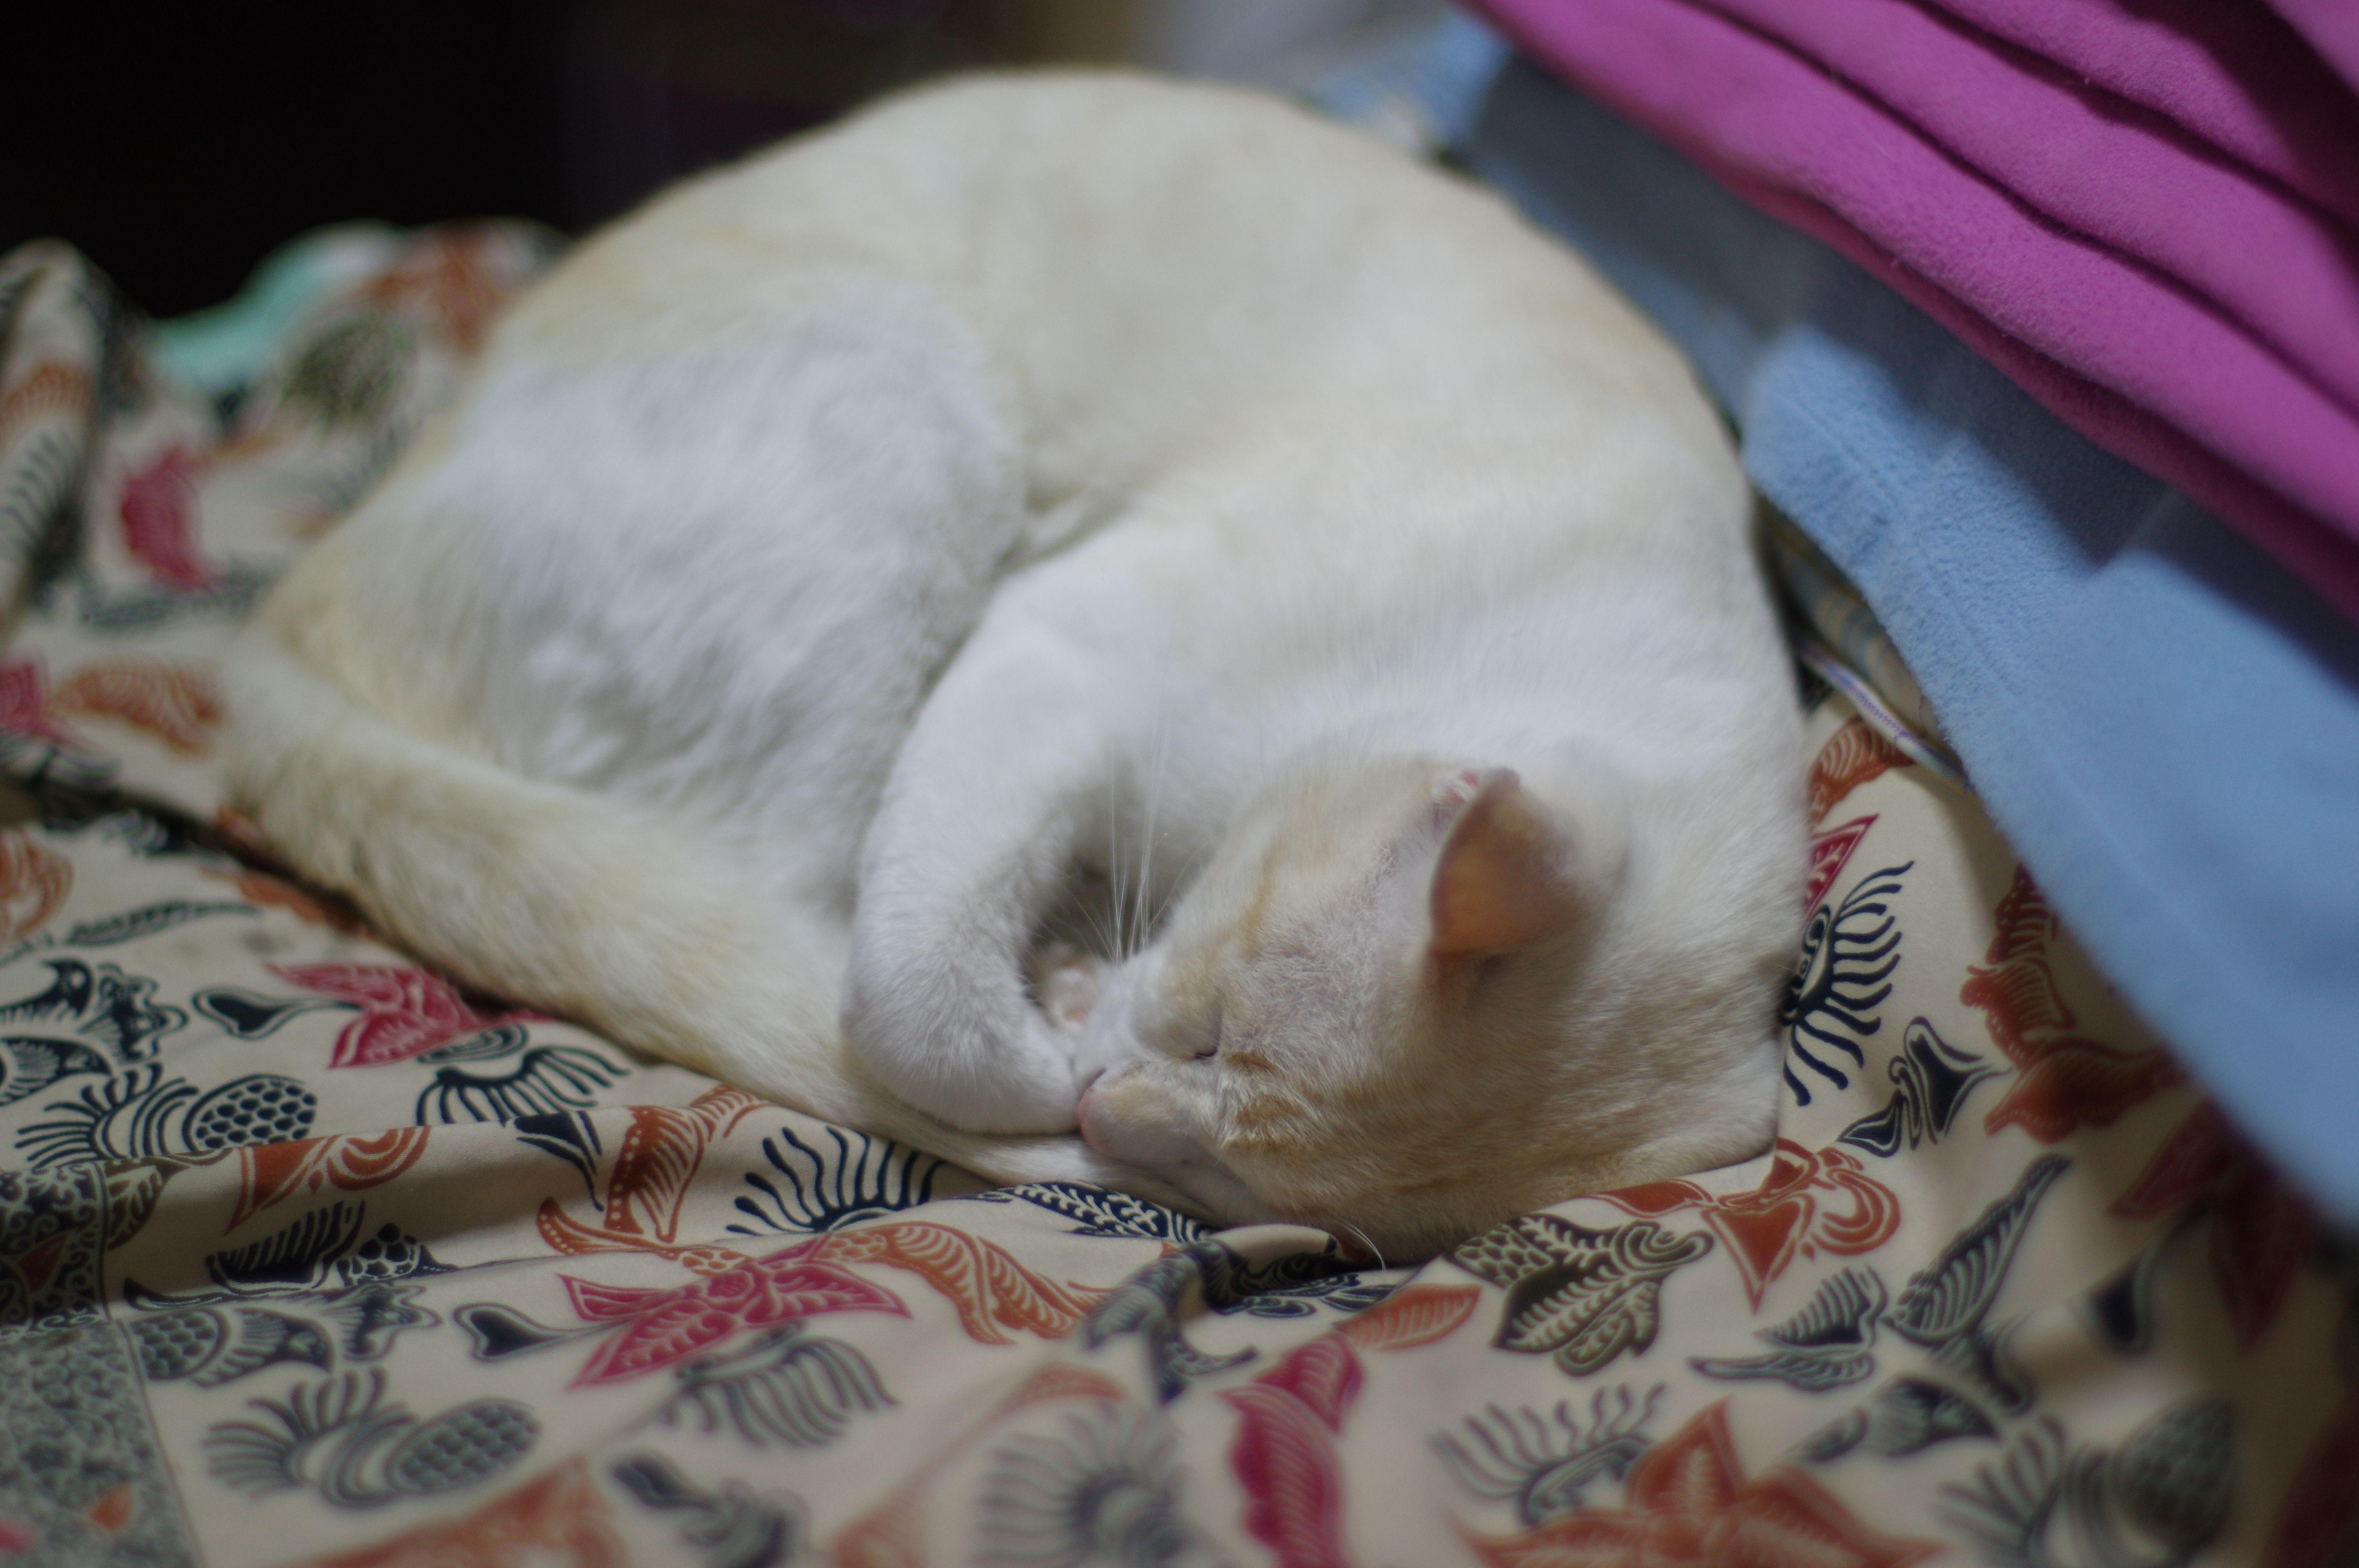 ผมเป นแมวข ร อน ต องเข ามานอนในห องแอร ตลอด และเป นแมว ท หล บง ายมากขอแค ม ลมเย นๆ